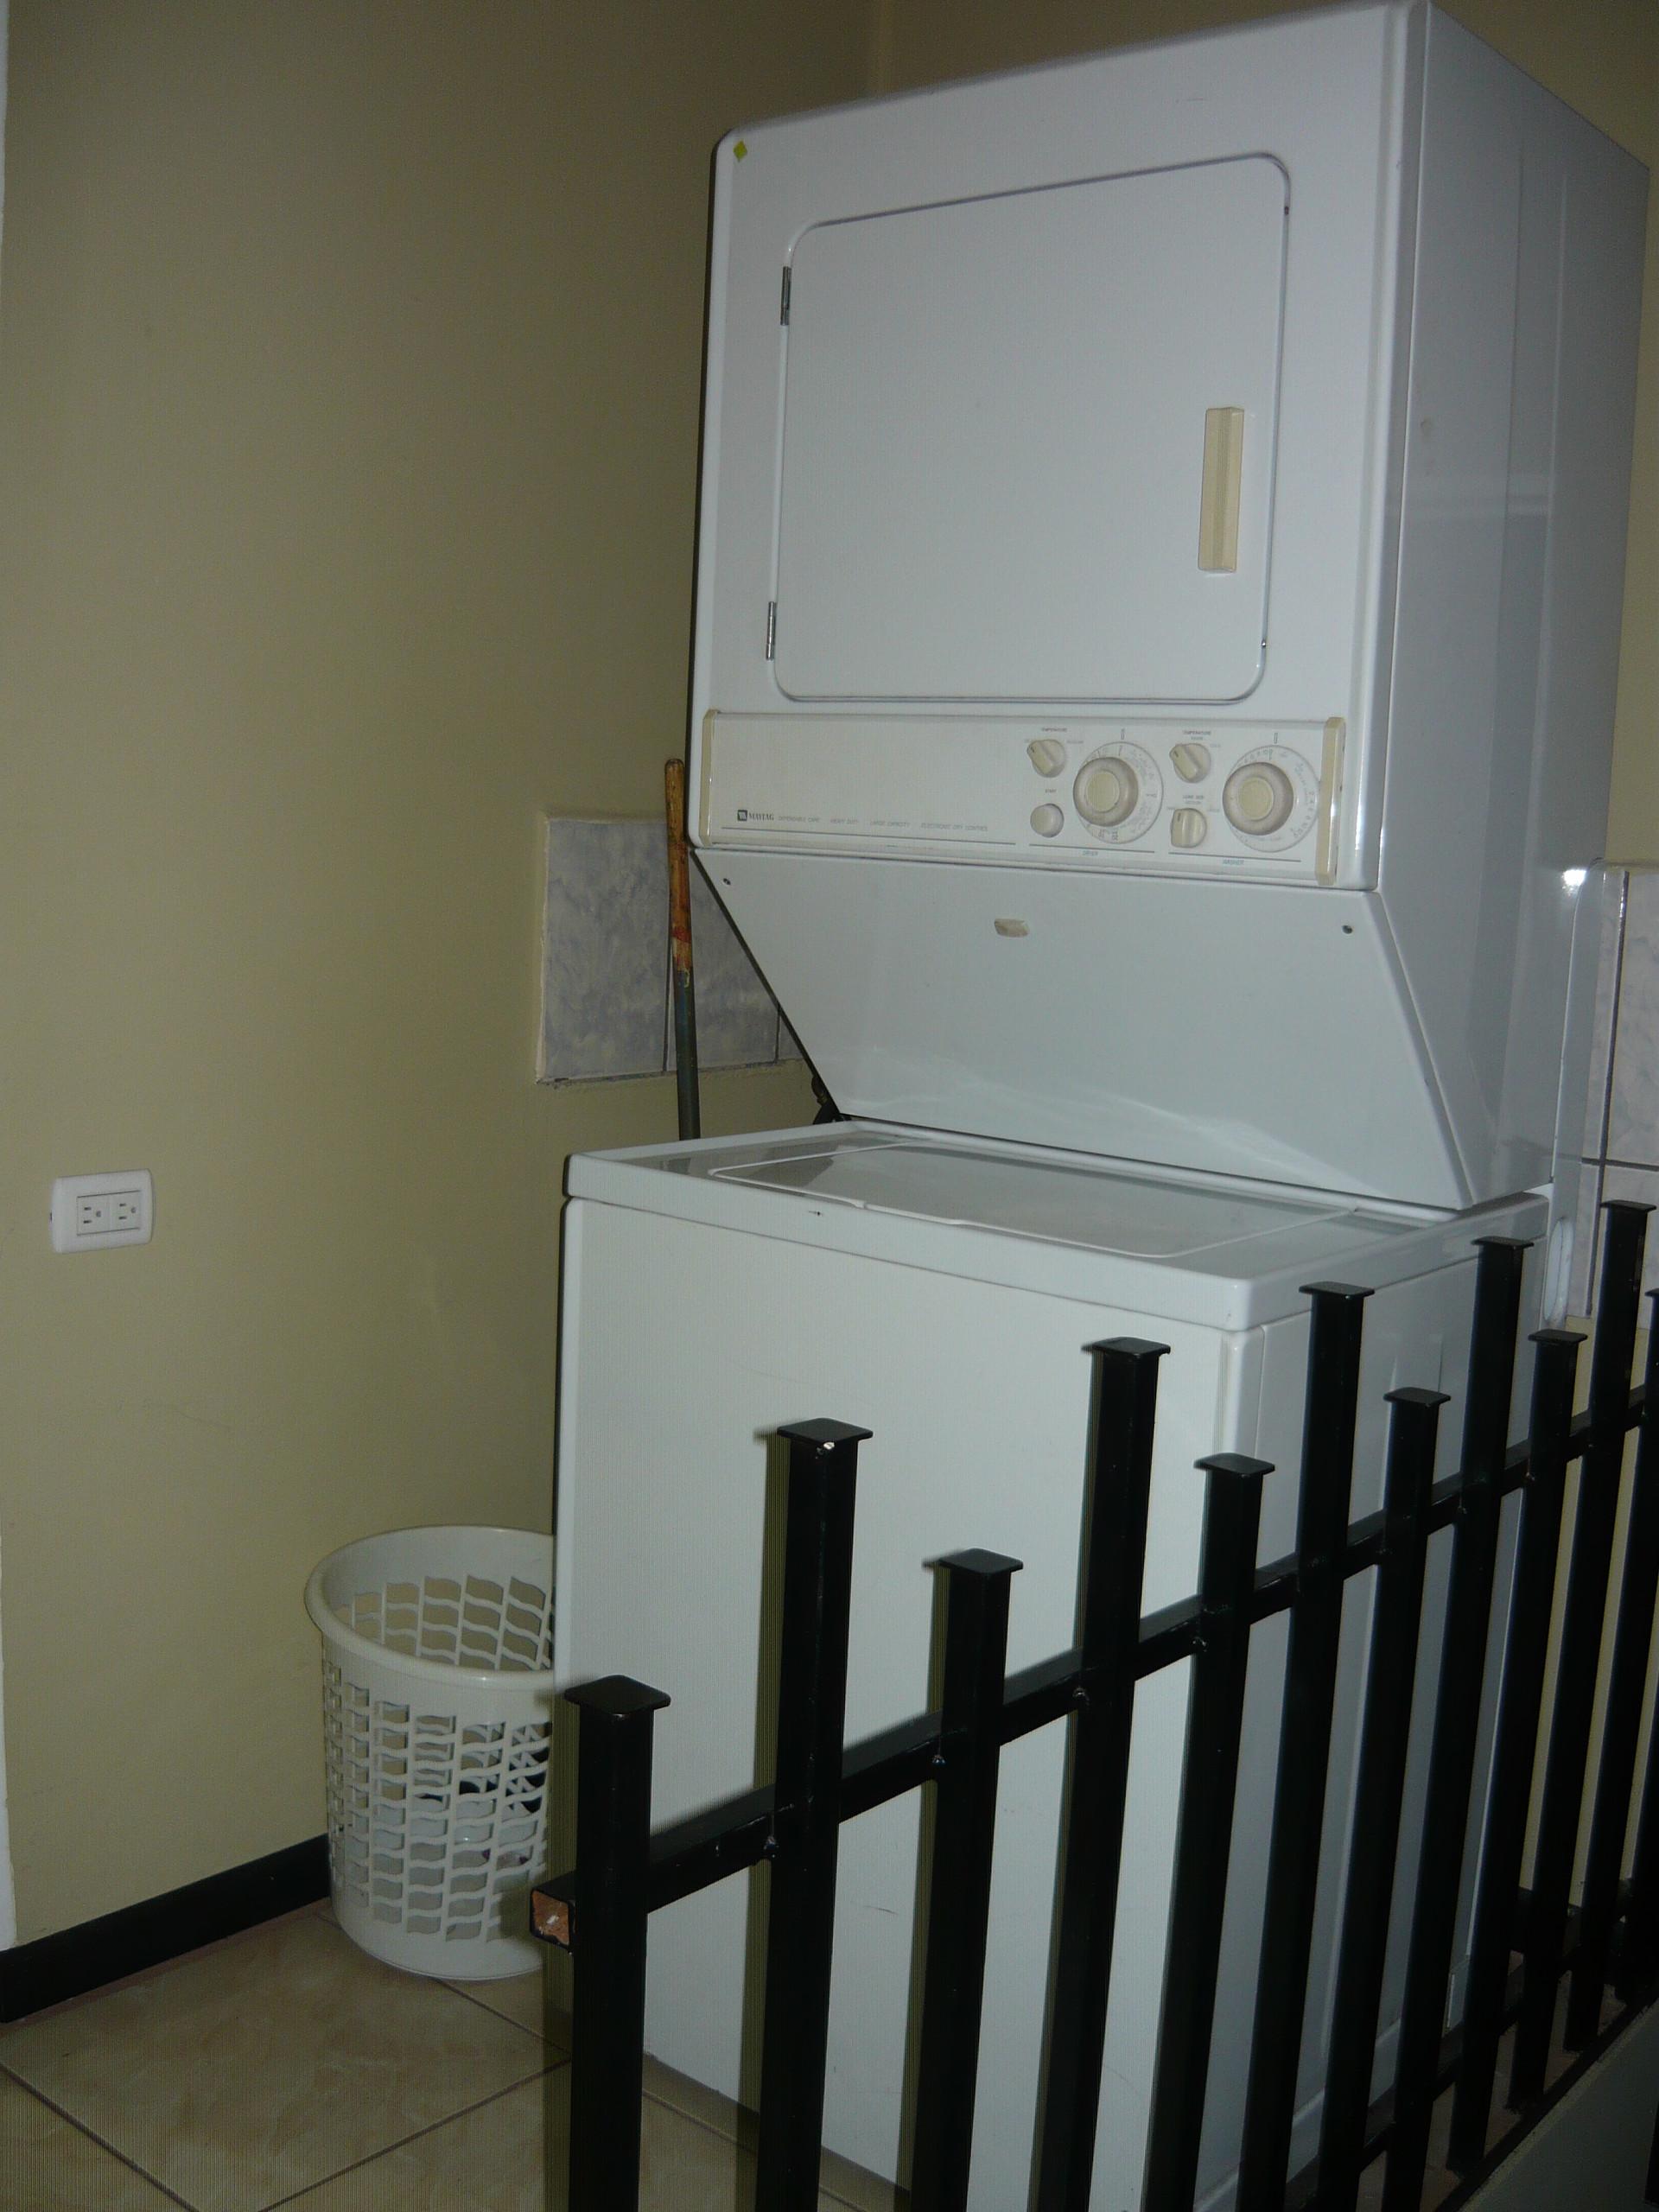 apartamento-soltero-o-matrimonio-0d1dd7efebb19b16bb21ebbebf5f285f